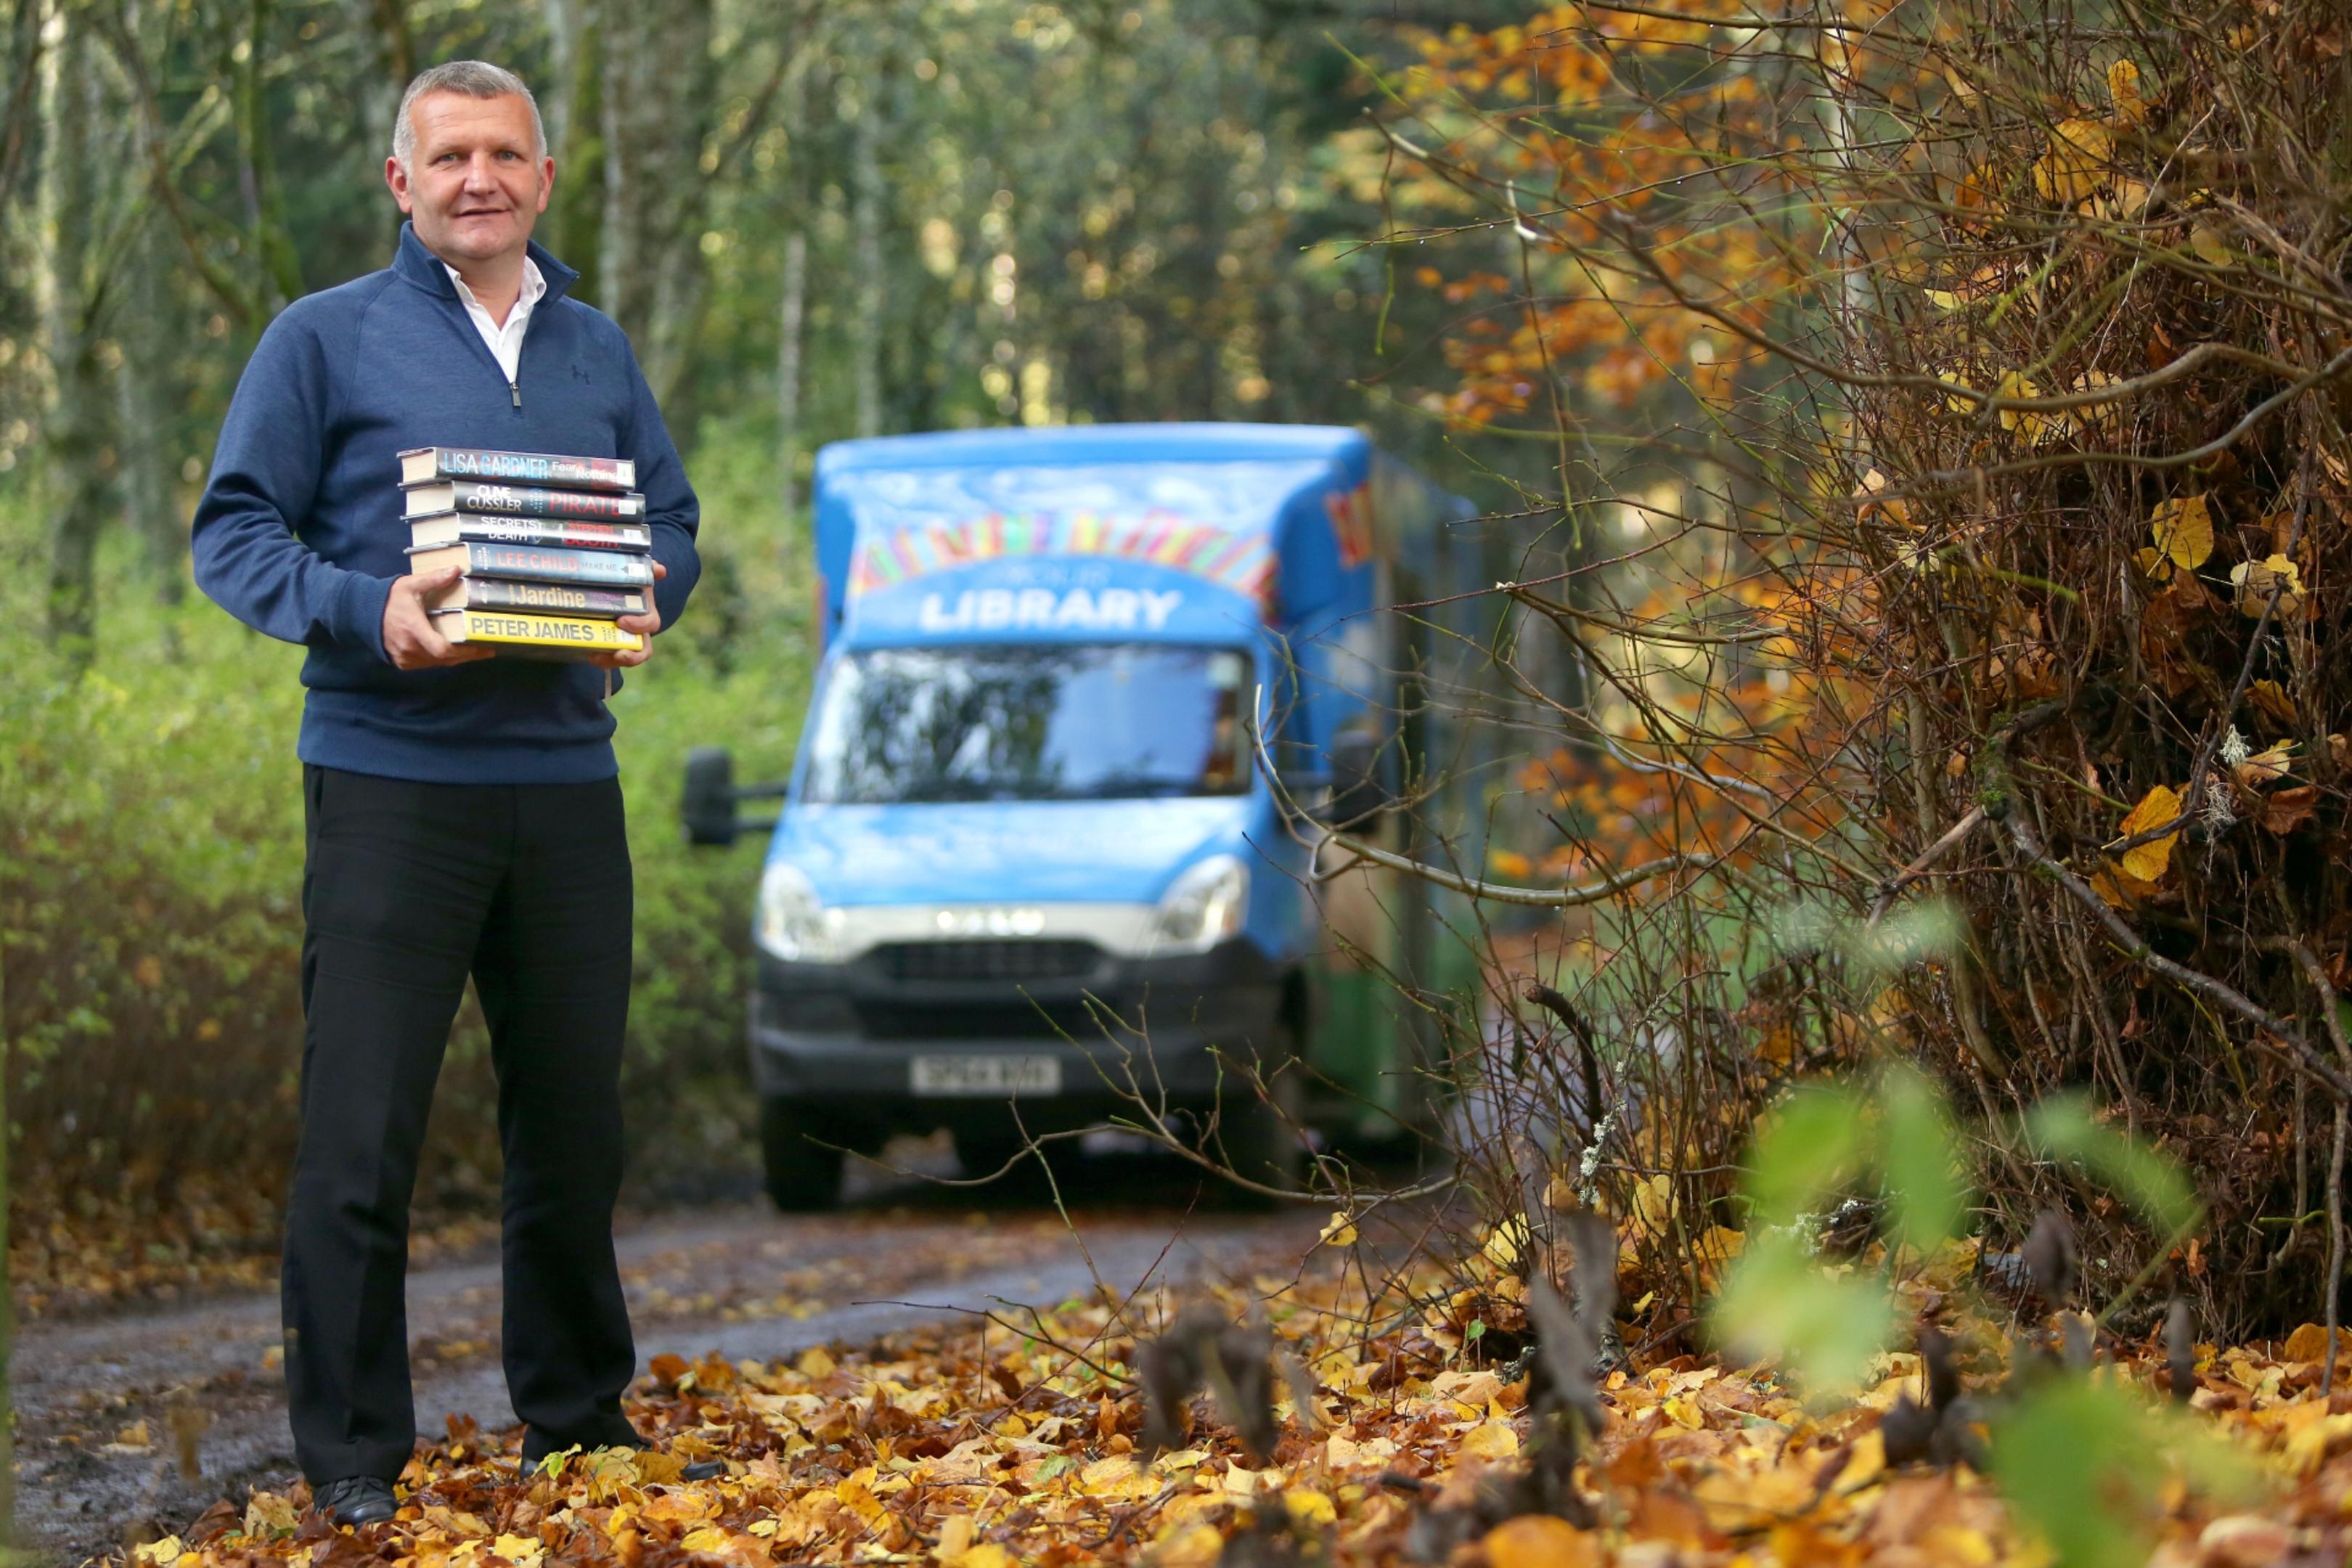 Scott Brown and the mobile library van in Bridge of Tilt.